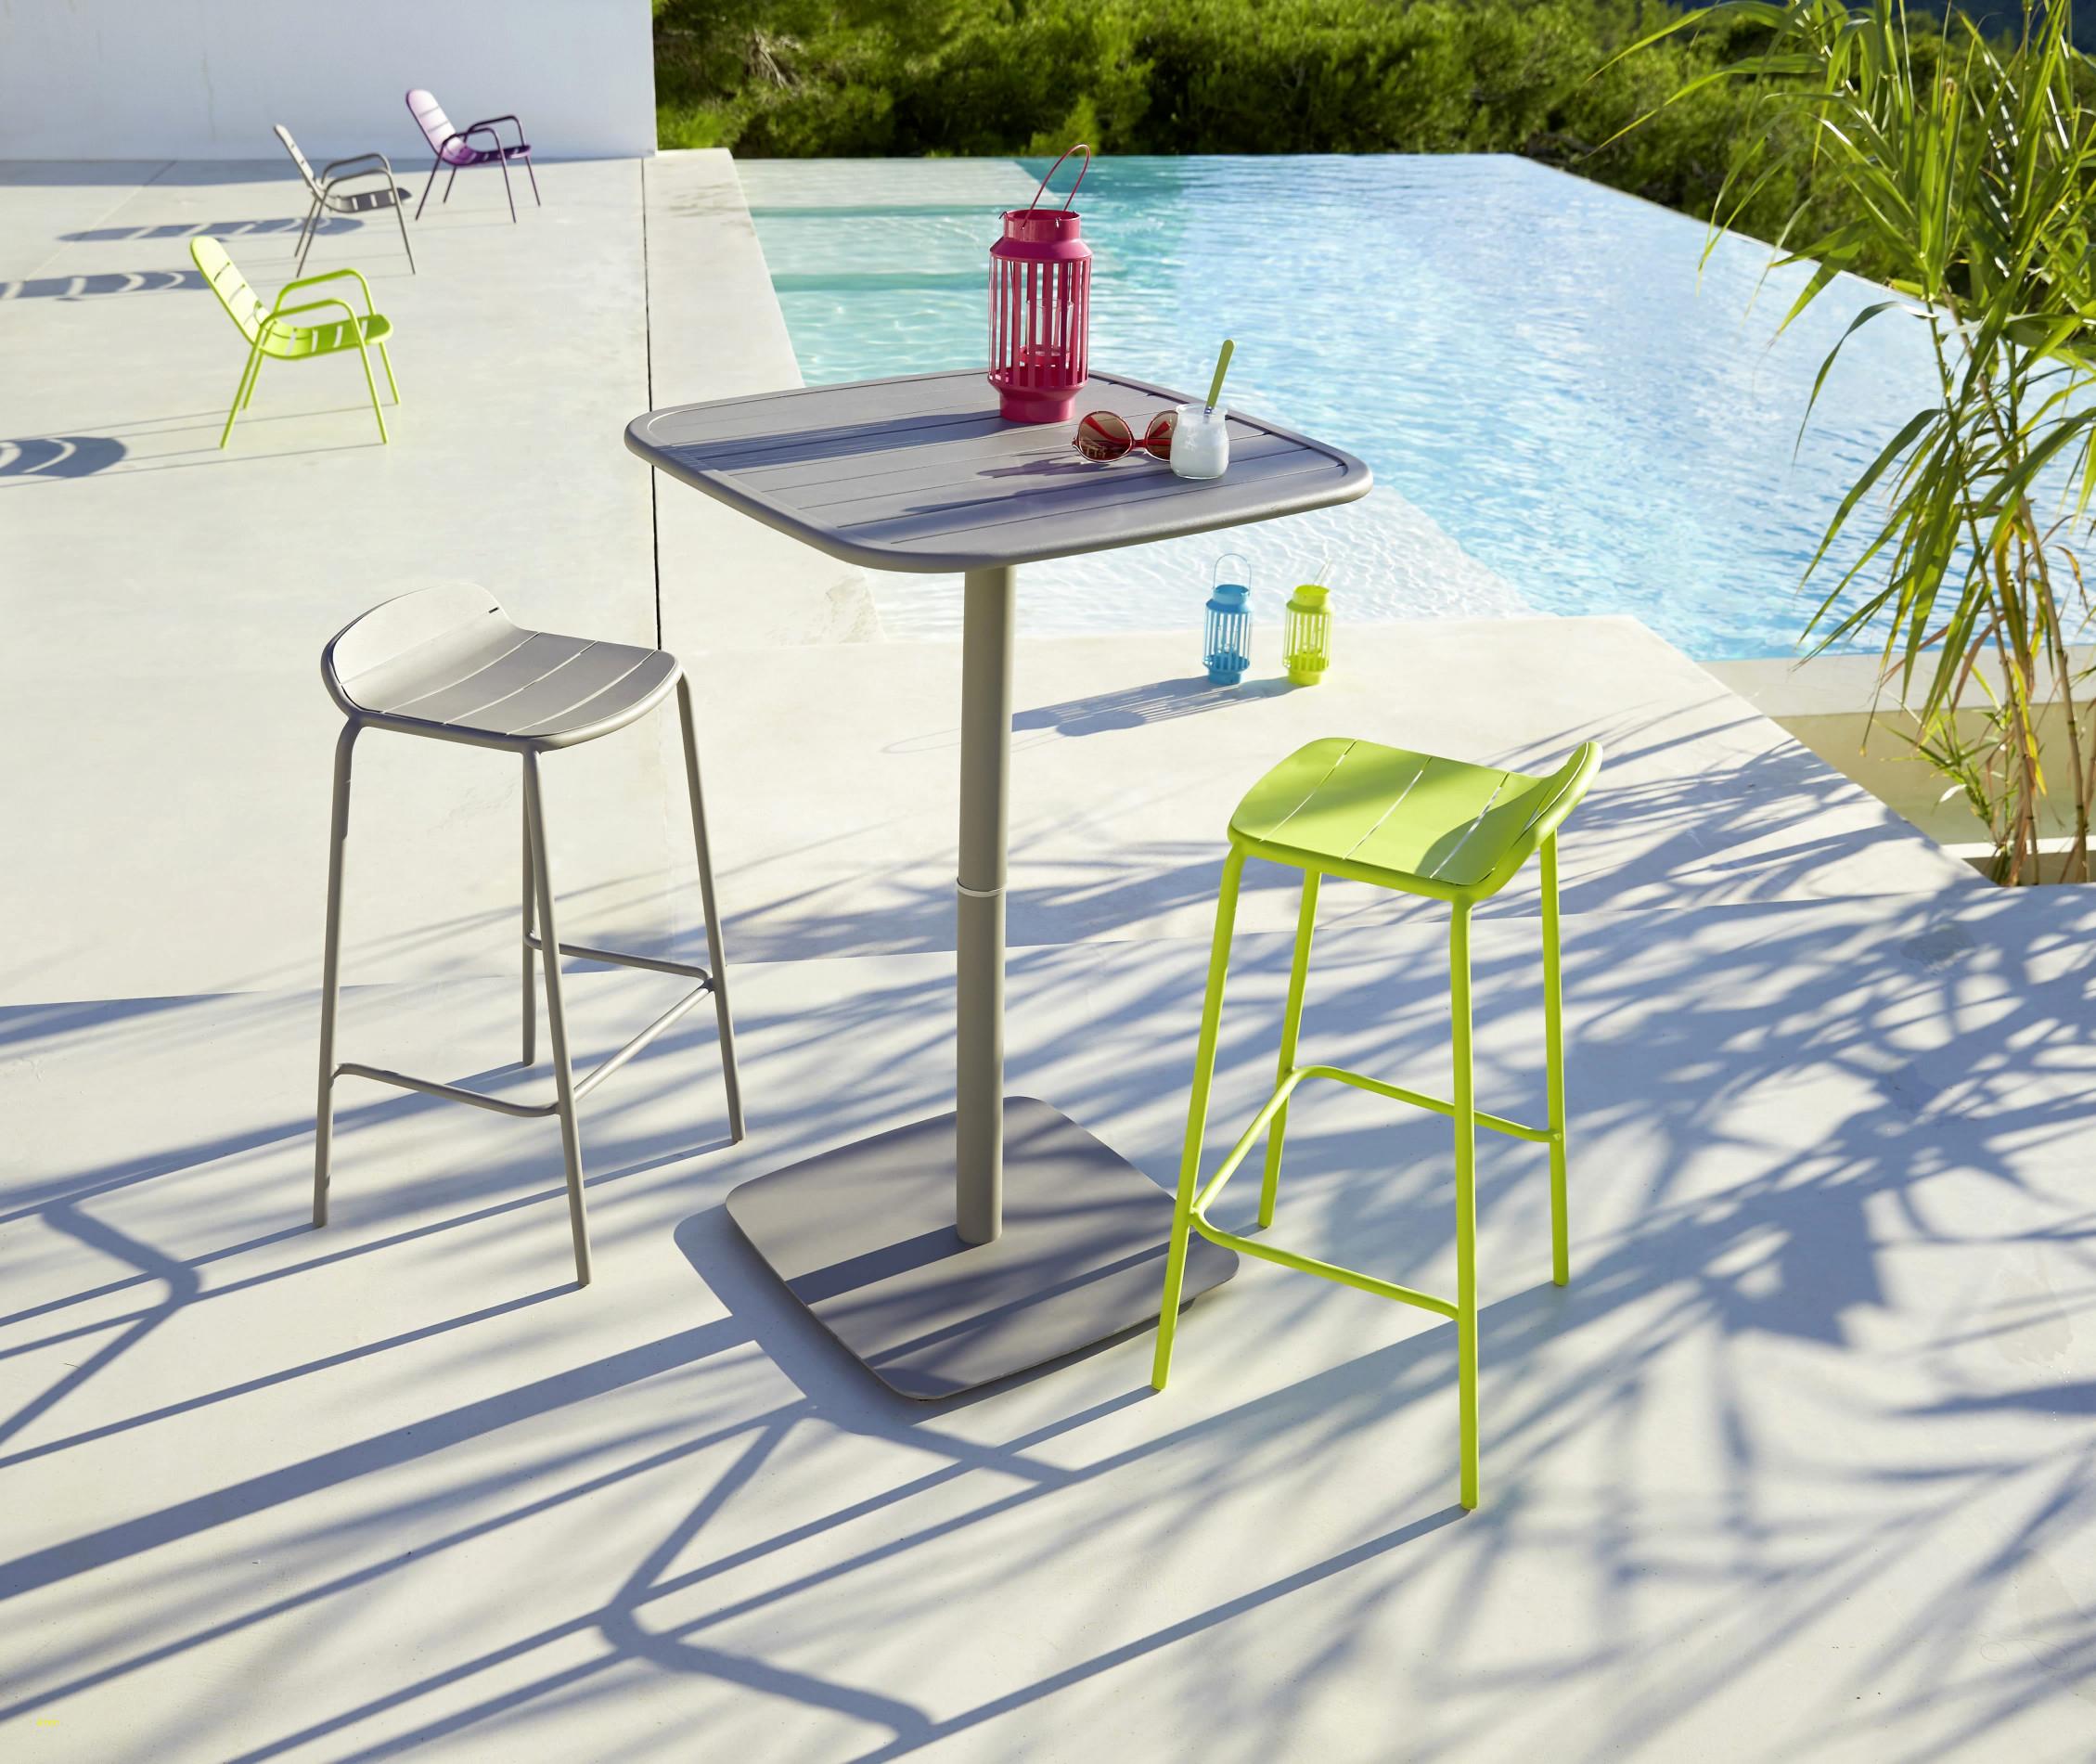 Transat Jardin Carrefour Frais Photographie Table Jardin Carrefour Frais Table Et Chaise De Jardin Carrefour